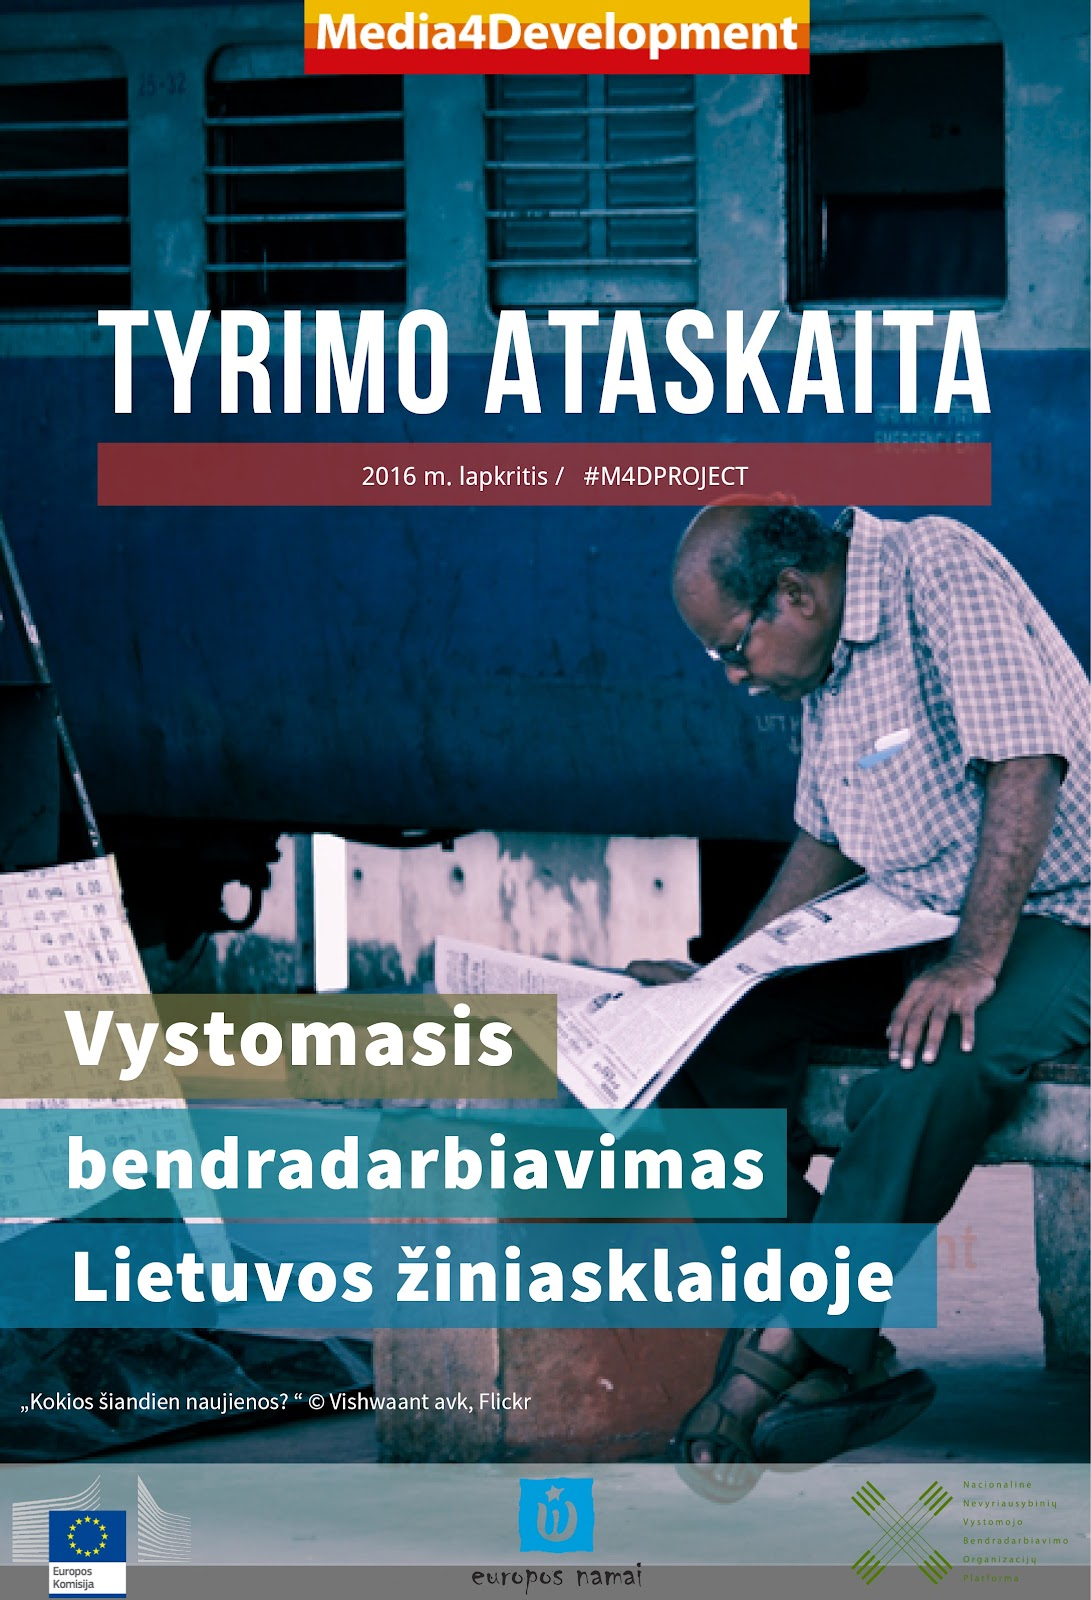 Vystomasis bendradrbiavimas Lietuvos ziniasklaidoje-Tyrimo ataskaita-EN.jpg